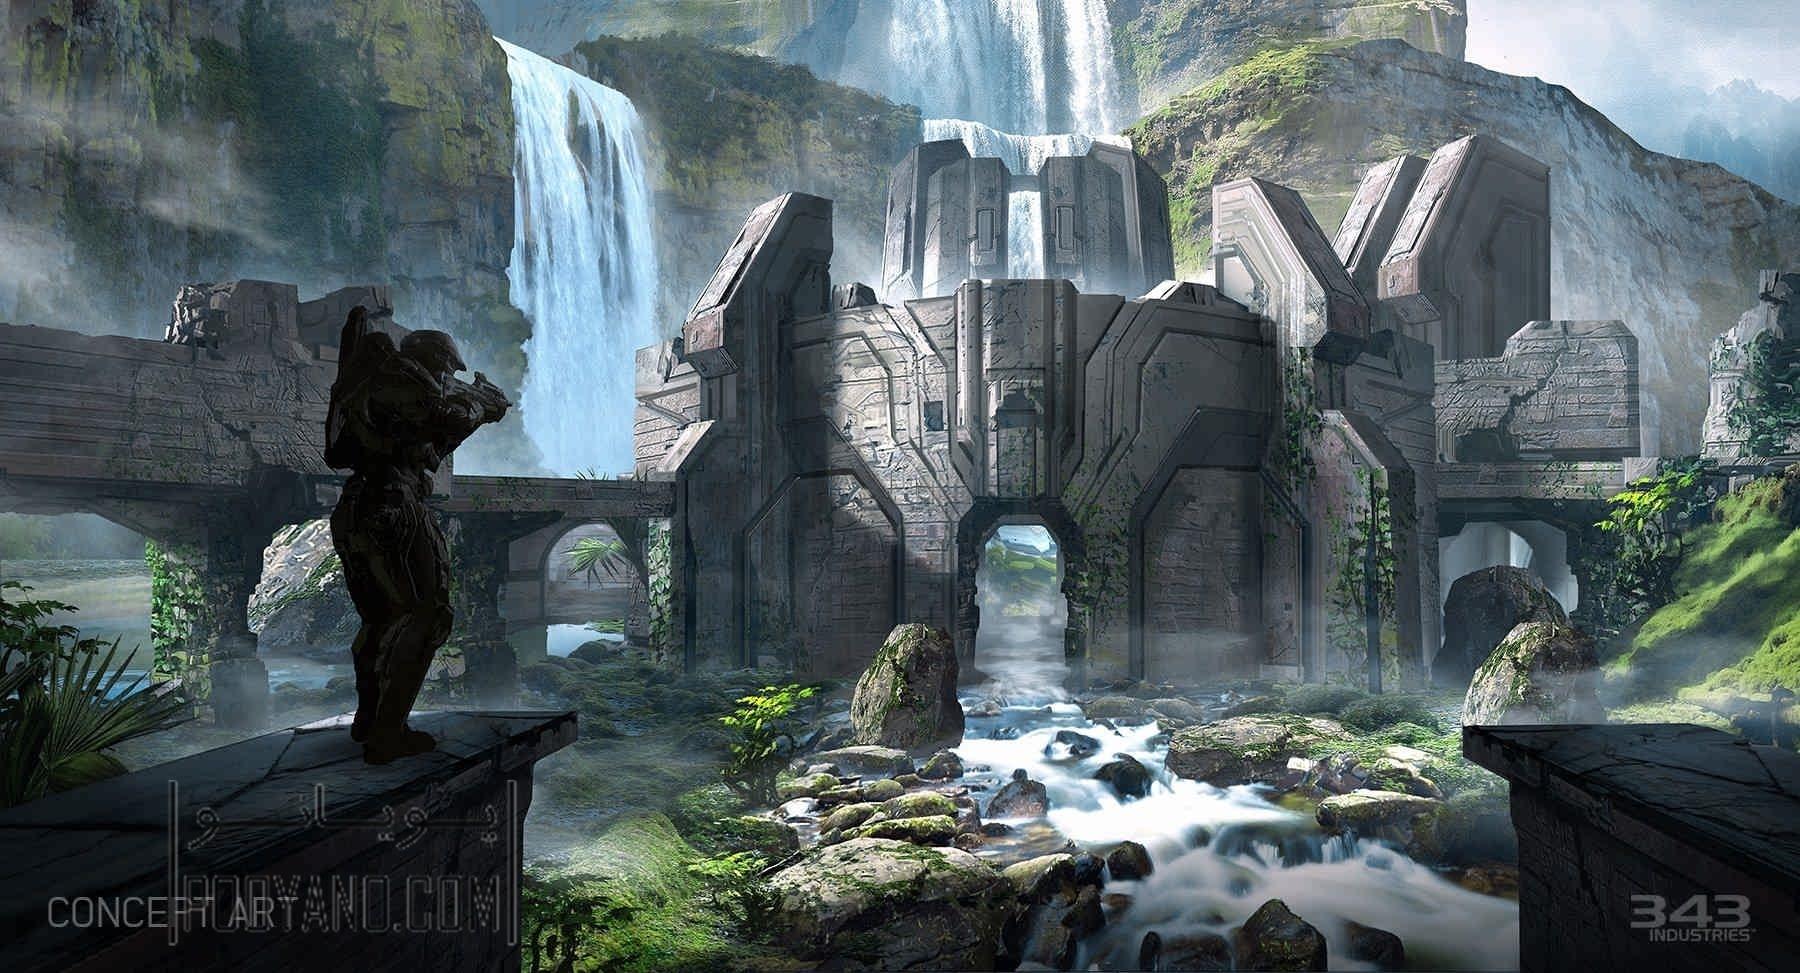 معماری بنا در بازی کامپیوتری : کدام بازی ویدئویی بهترین معماری را دارند؟